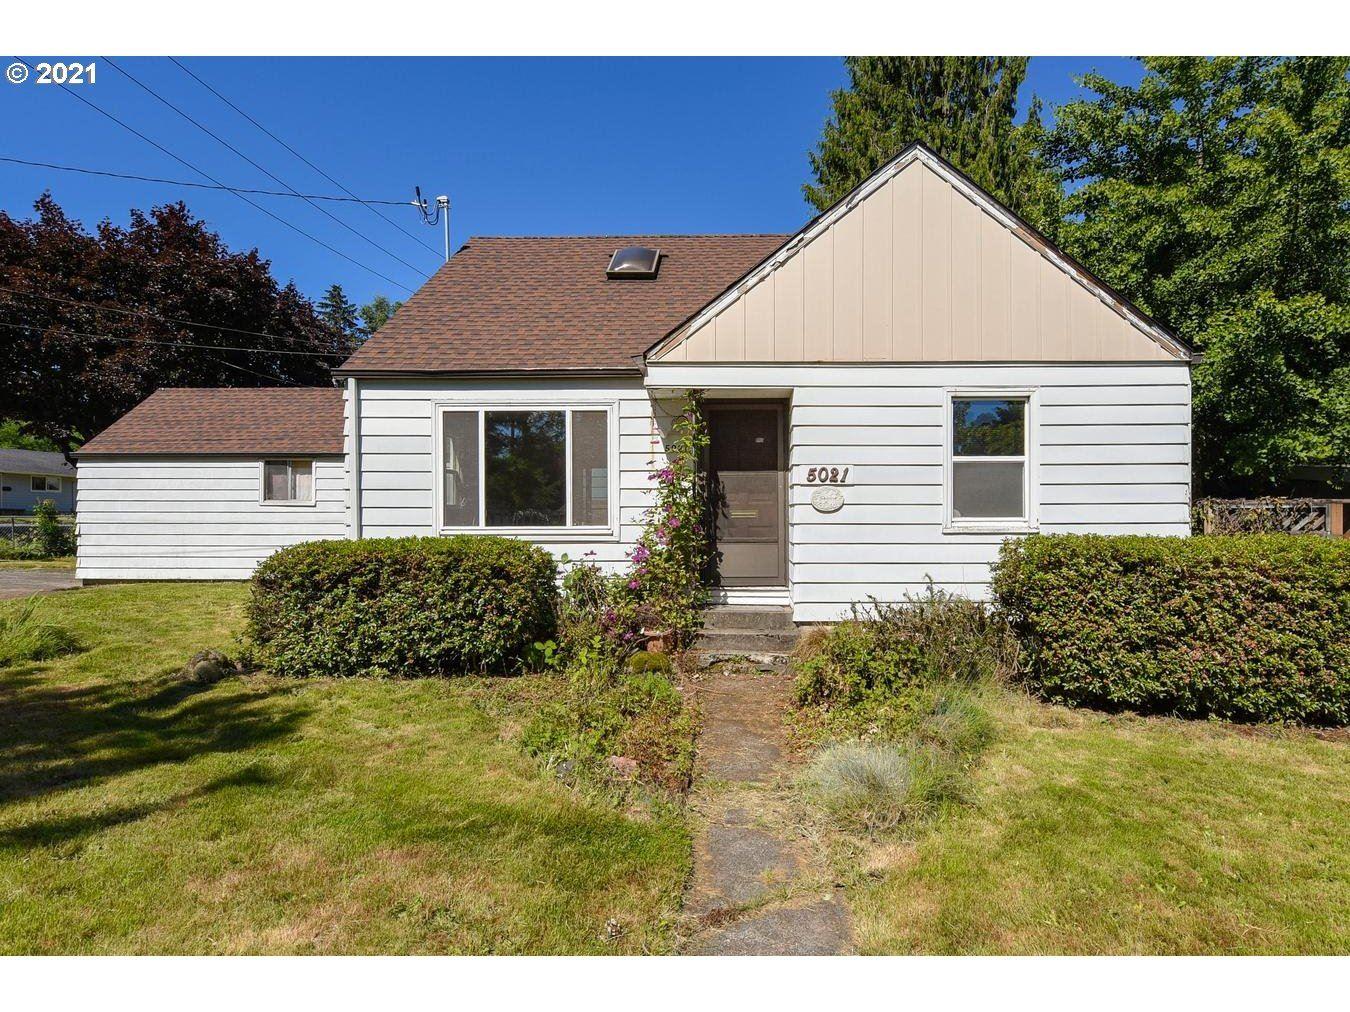 5021 NE CULLY BLVD, Portland, OR 97218 - MLS#: 21207793